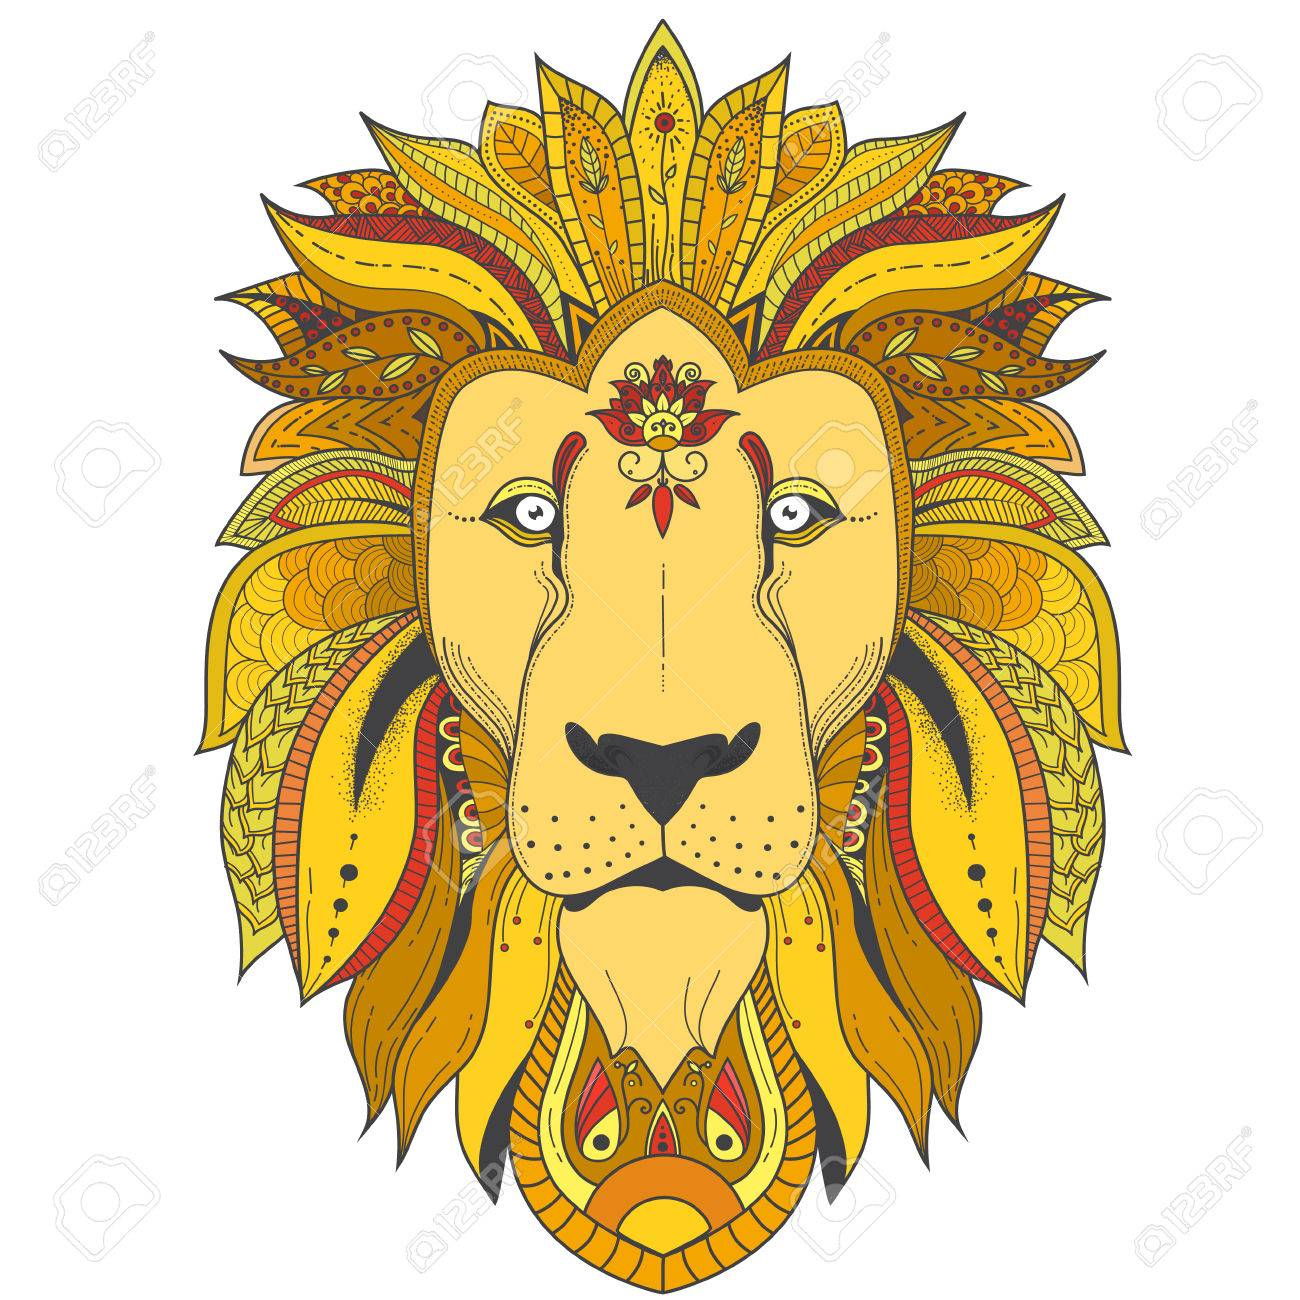 Illustration Zenart De Couleur Du Lion Avec Des Motifs De Mandala Tribaux.  Utilisé Pour L'impression, Les T-Shirts. dedans Photo De Lion A Imprimer En Couleur